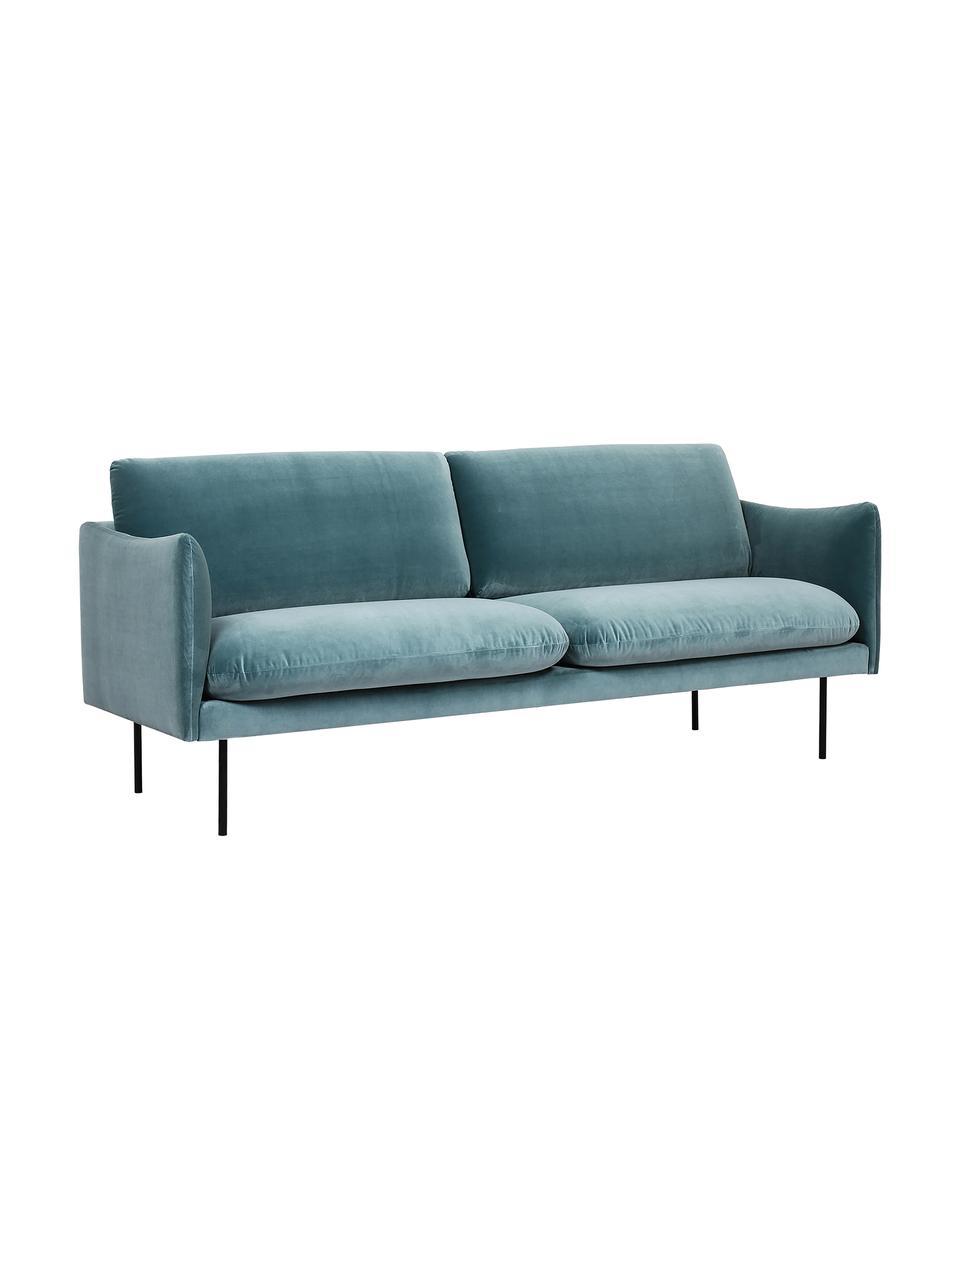 Fluwelen bank Moby (2-zits) in turquoise met metalen poten, Bekleding: fluweel (hoogwaardig poly, Frame: massief grenenhout, Poten: gepoedercoat metaal, Turquoise, B 170 x D 95 cm